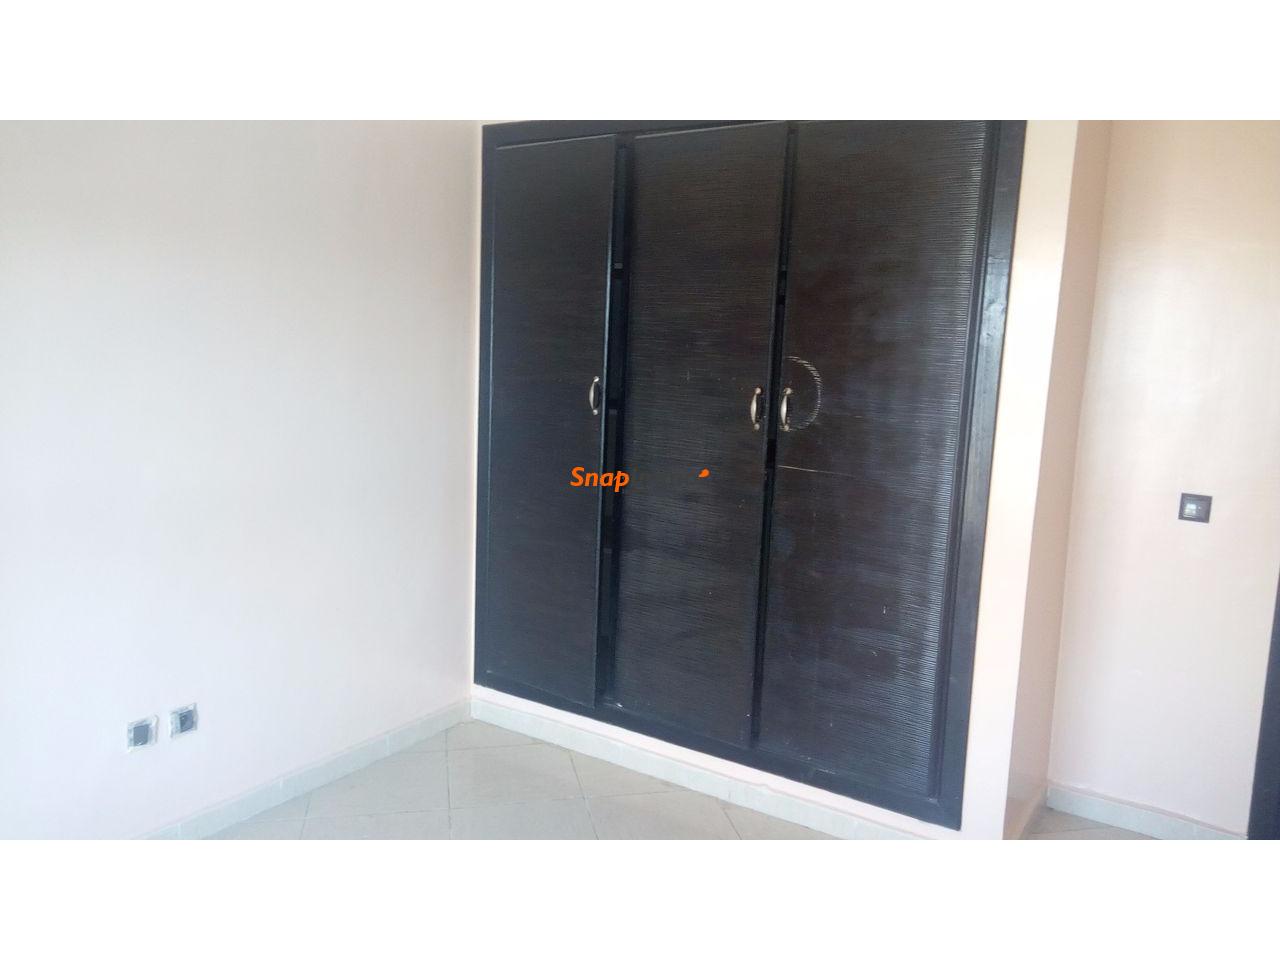 appartement confortable et spacieux a louer Casablanca 5 pièces - 3/3